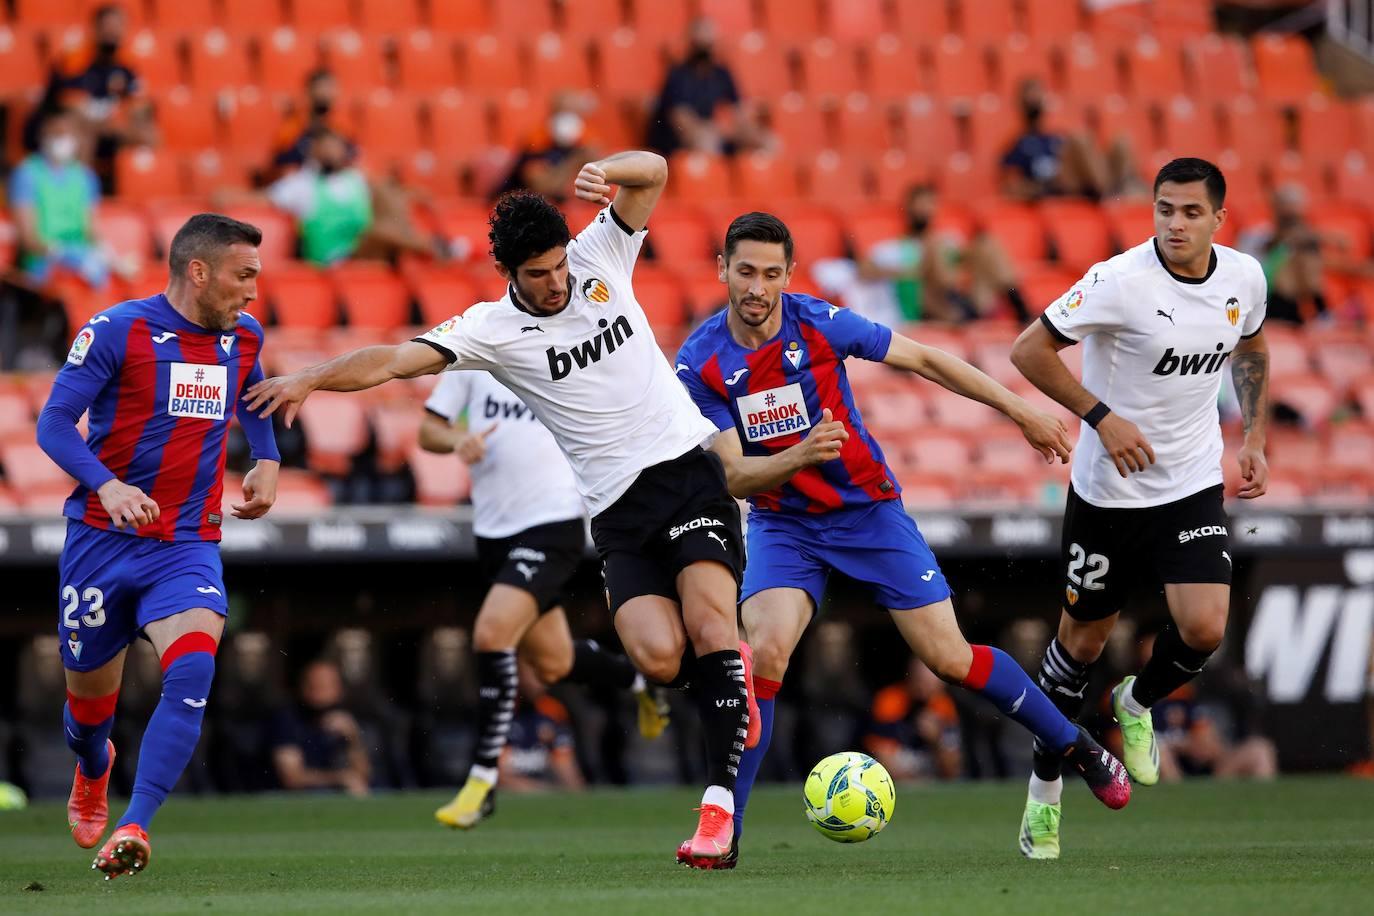 Fotos: Las mejores imágenes del Valencia CF-SD Eibar   Las Provincias